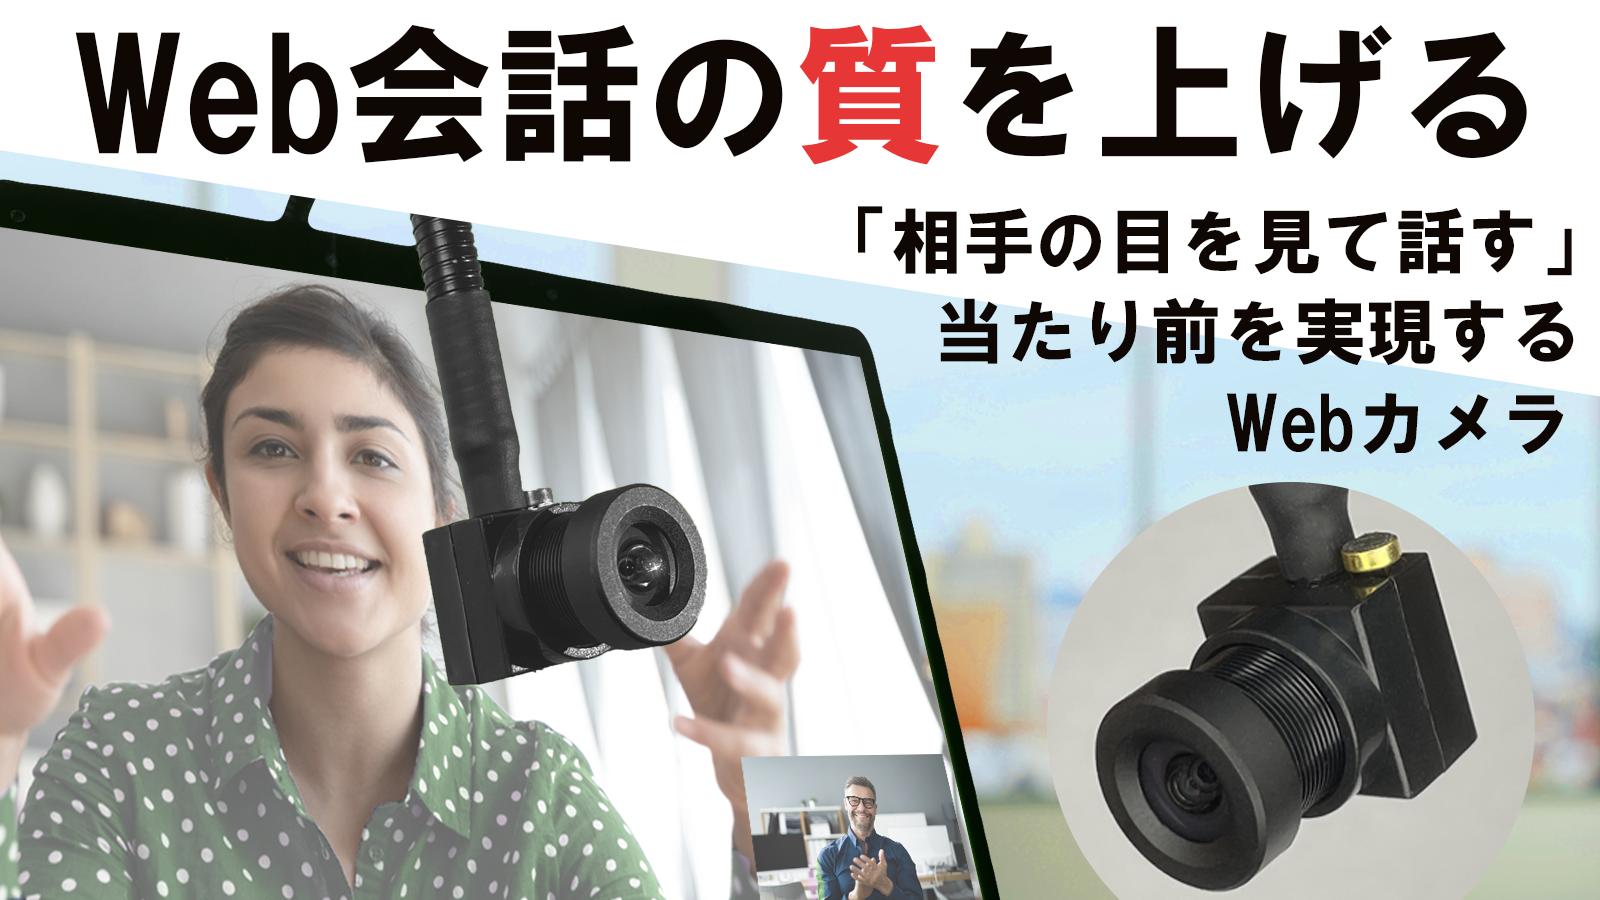 アイトゥカム(Eye to eye camera)